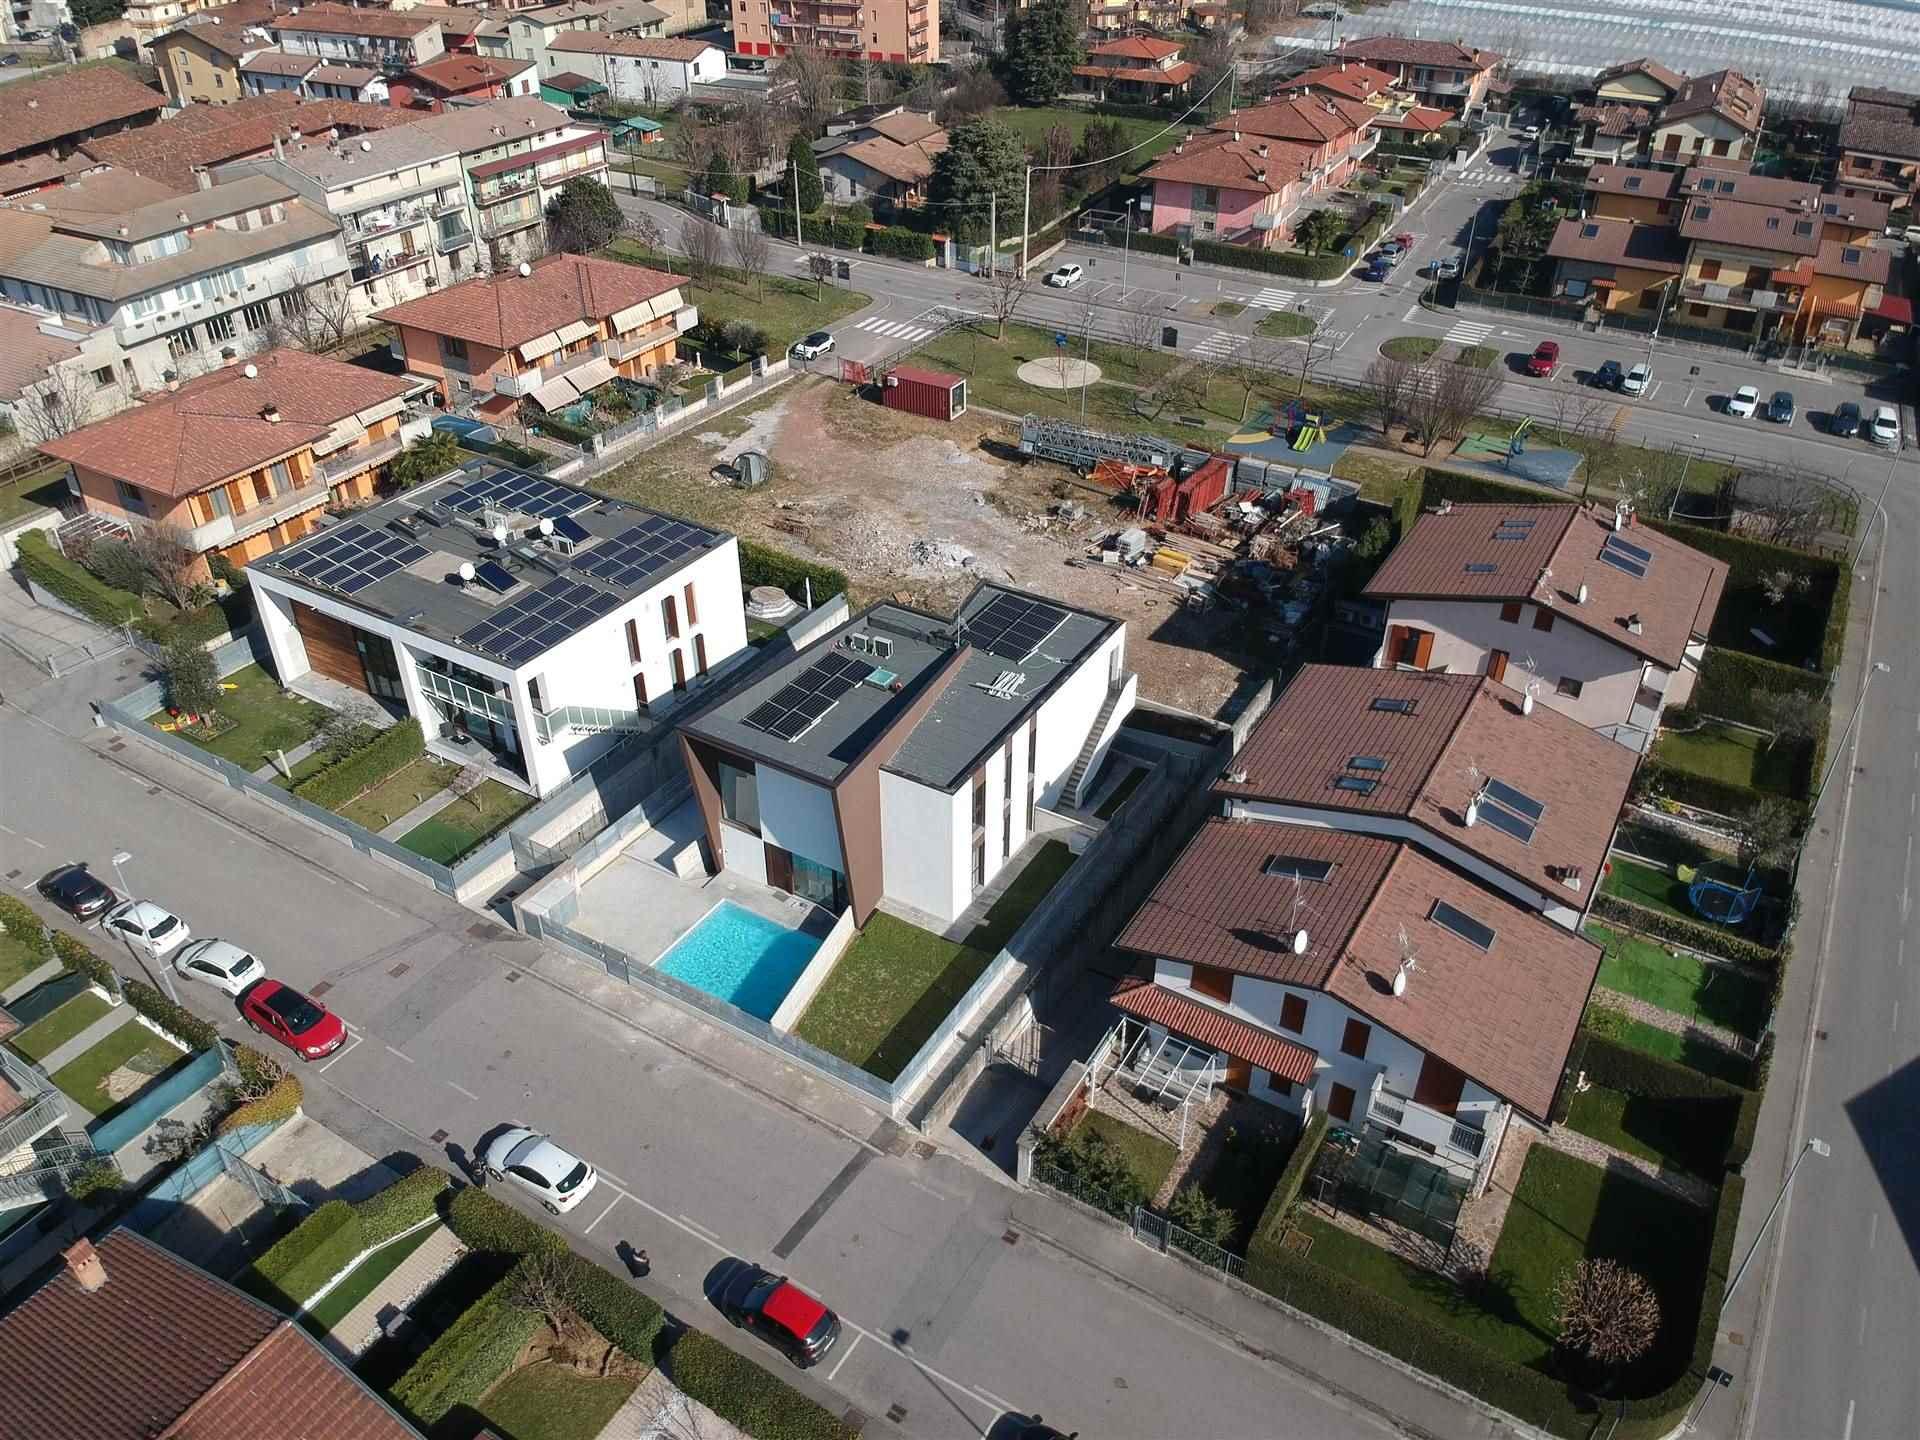 Di nuova realizzazione proponiamo innovativo appartamento trilocale indipendente inserito in contesto di sole 3 unità. L'immobile si sviluppa al